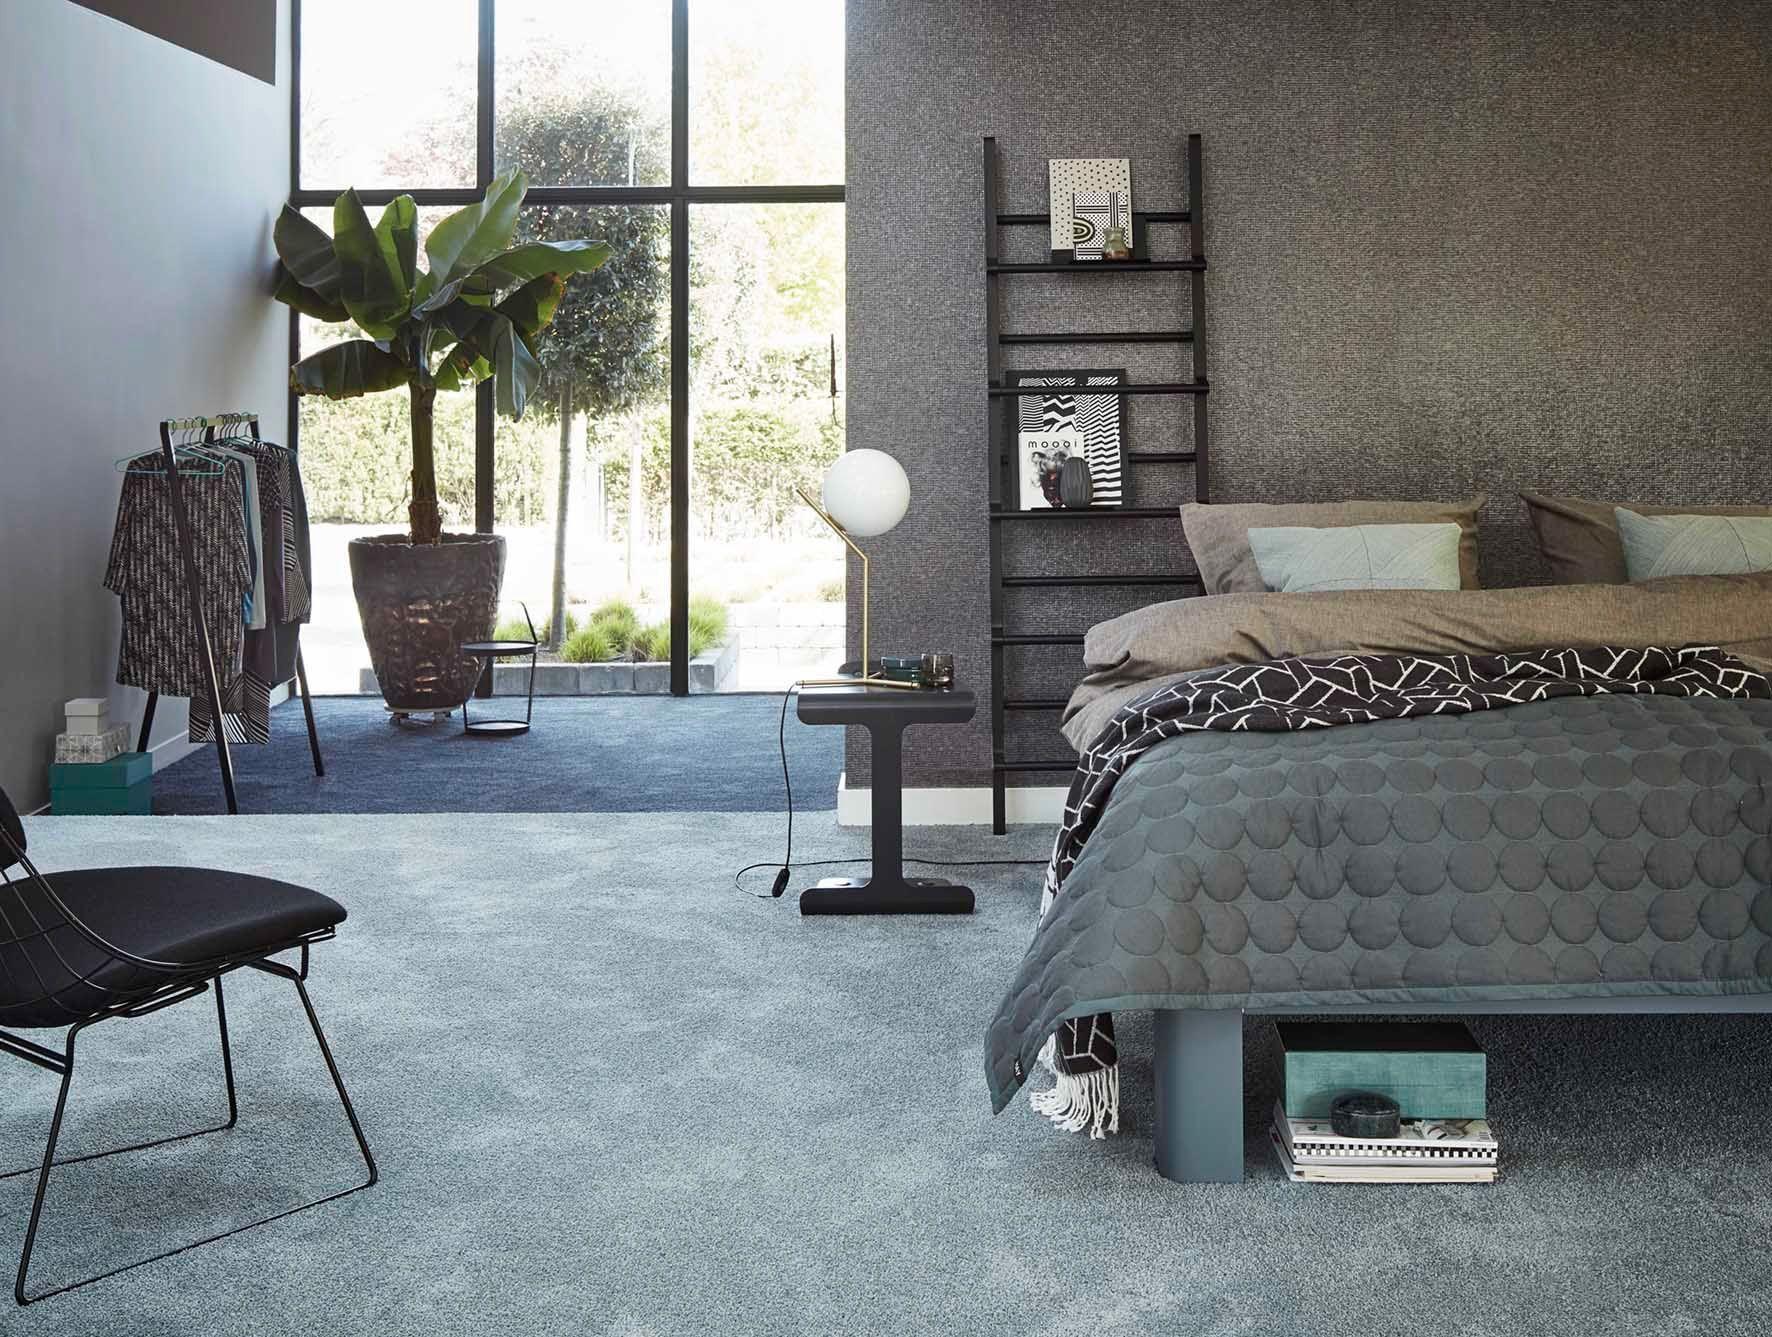 Slaapkamer Met Tapijt : Vloerkleden kleden tapijten slaapkamer woon